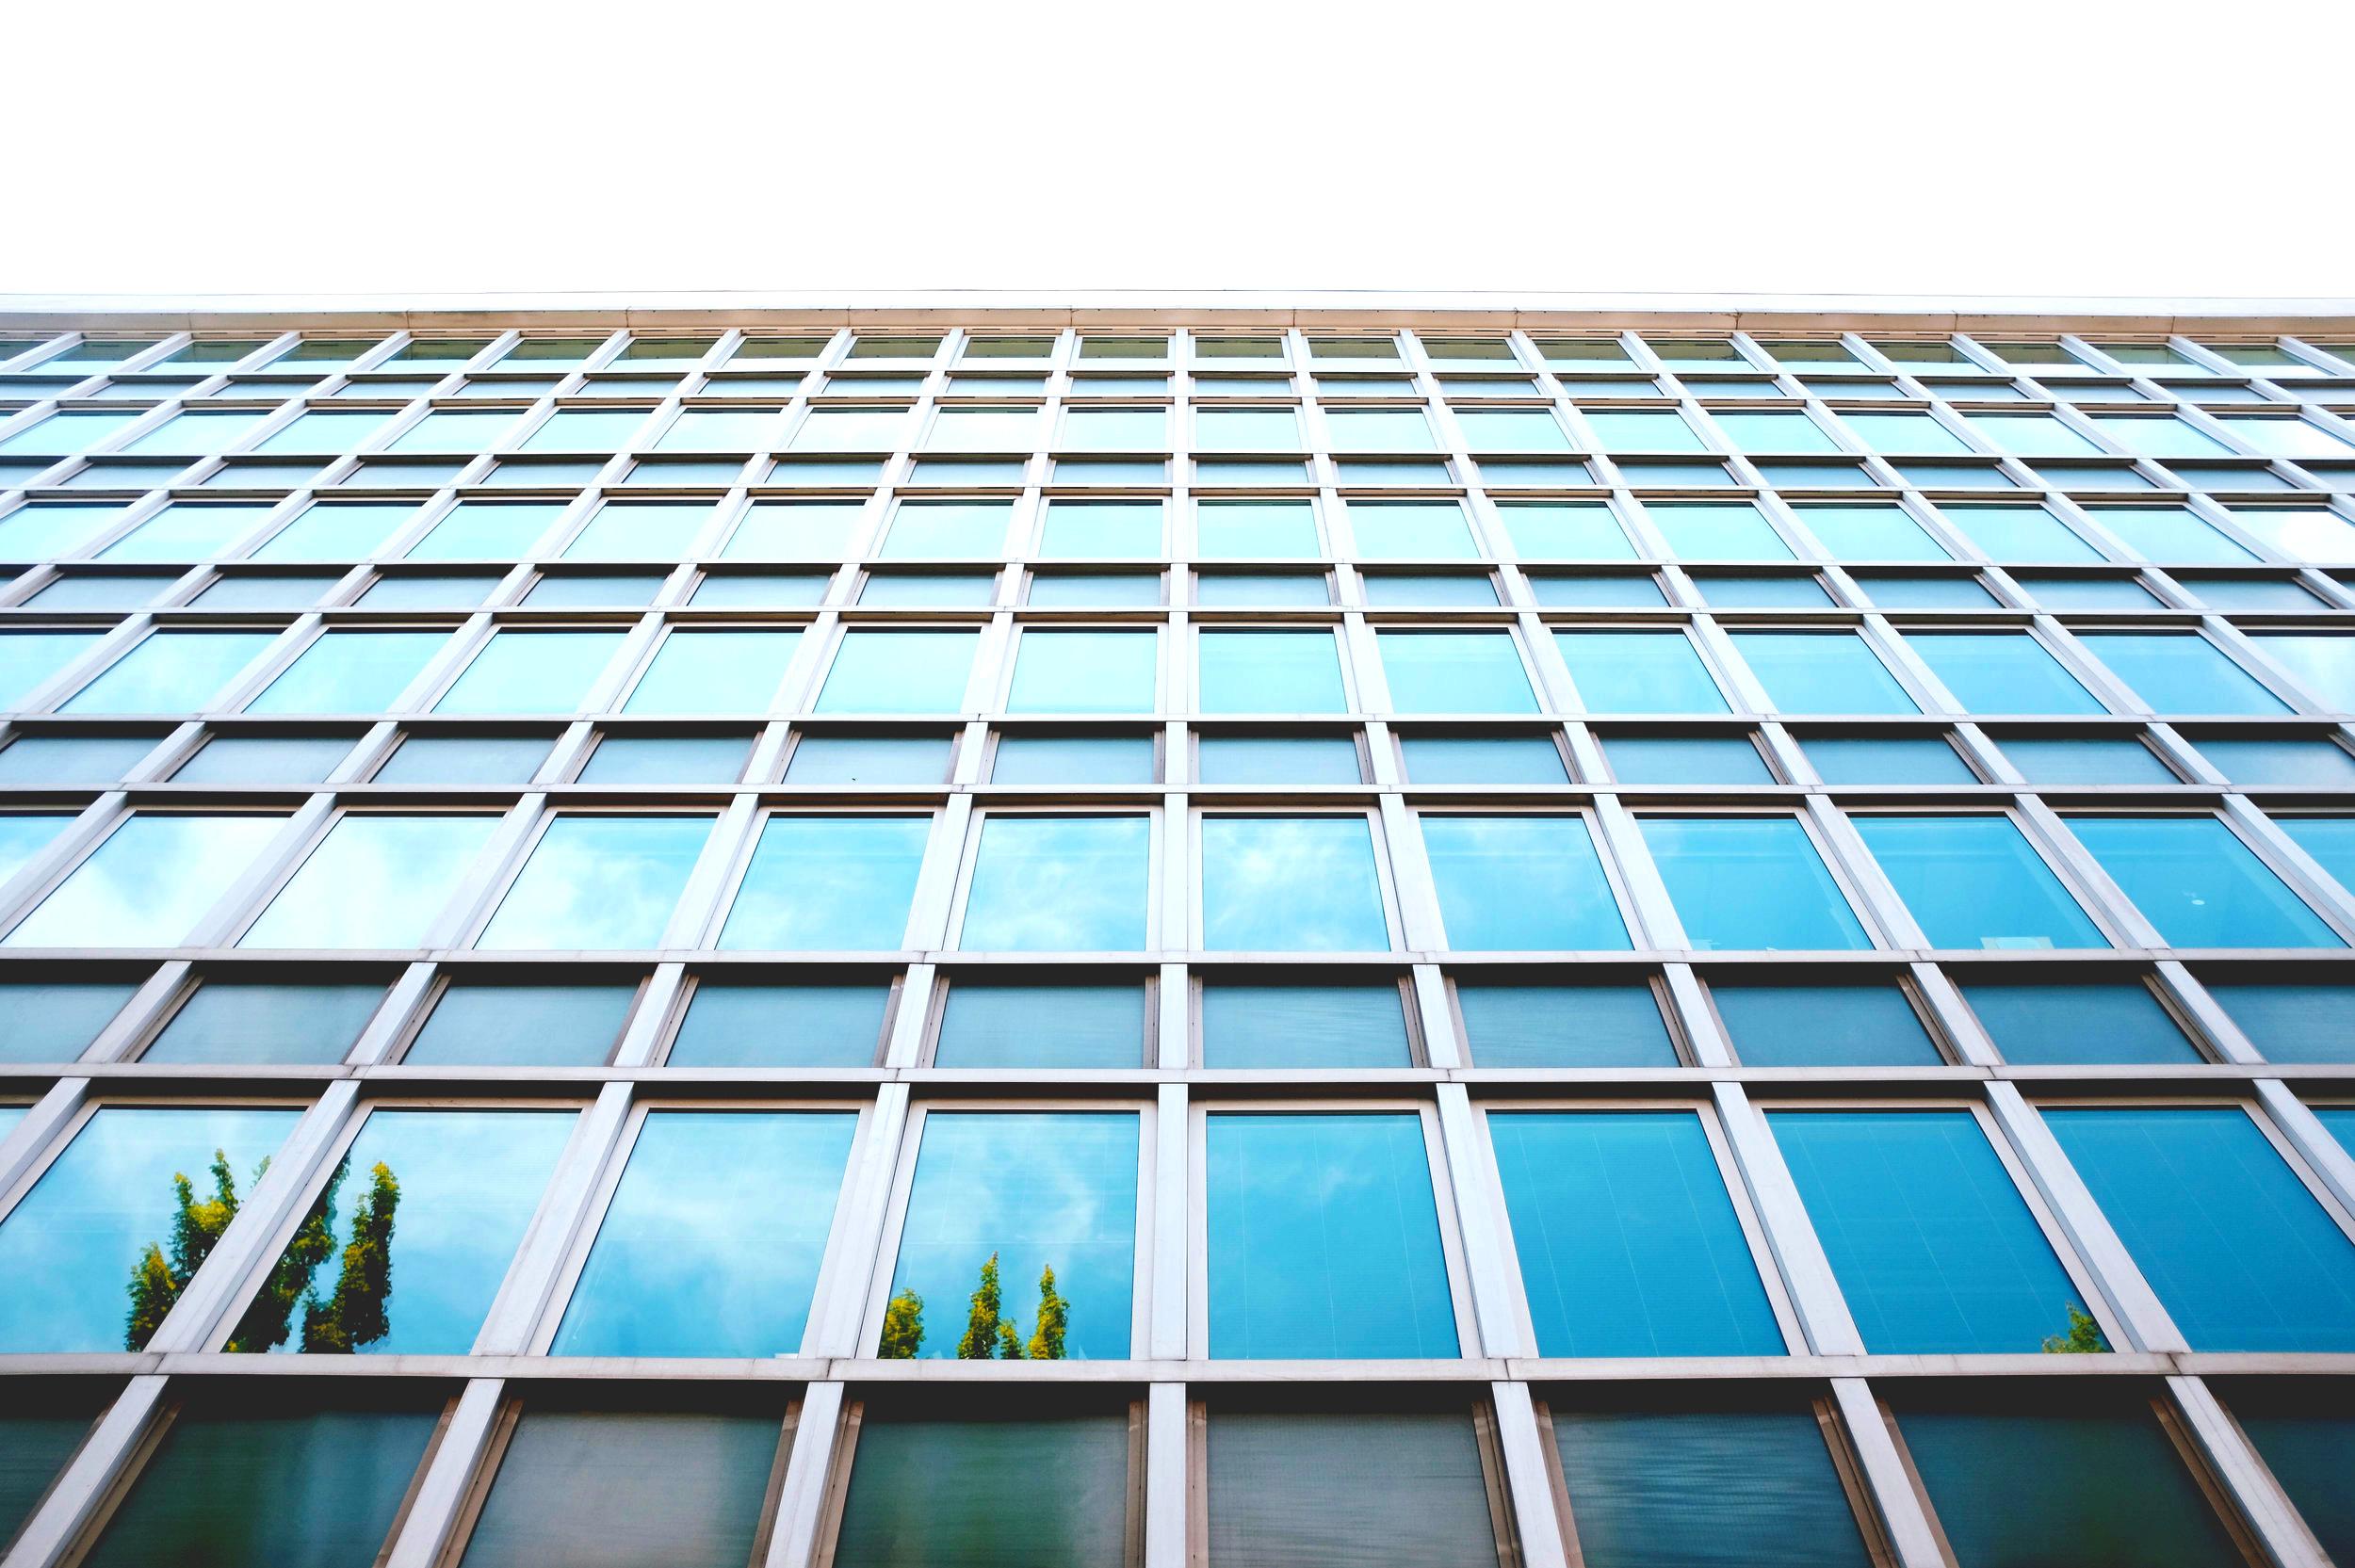 Droit administratif — fonction publique — urbanisme - Le cabinet dispose d'une expertise dans plusieurs domaine relevant du droit administratif général: droit des collectivités, de la fonction publique et droit de l'urbanisme.